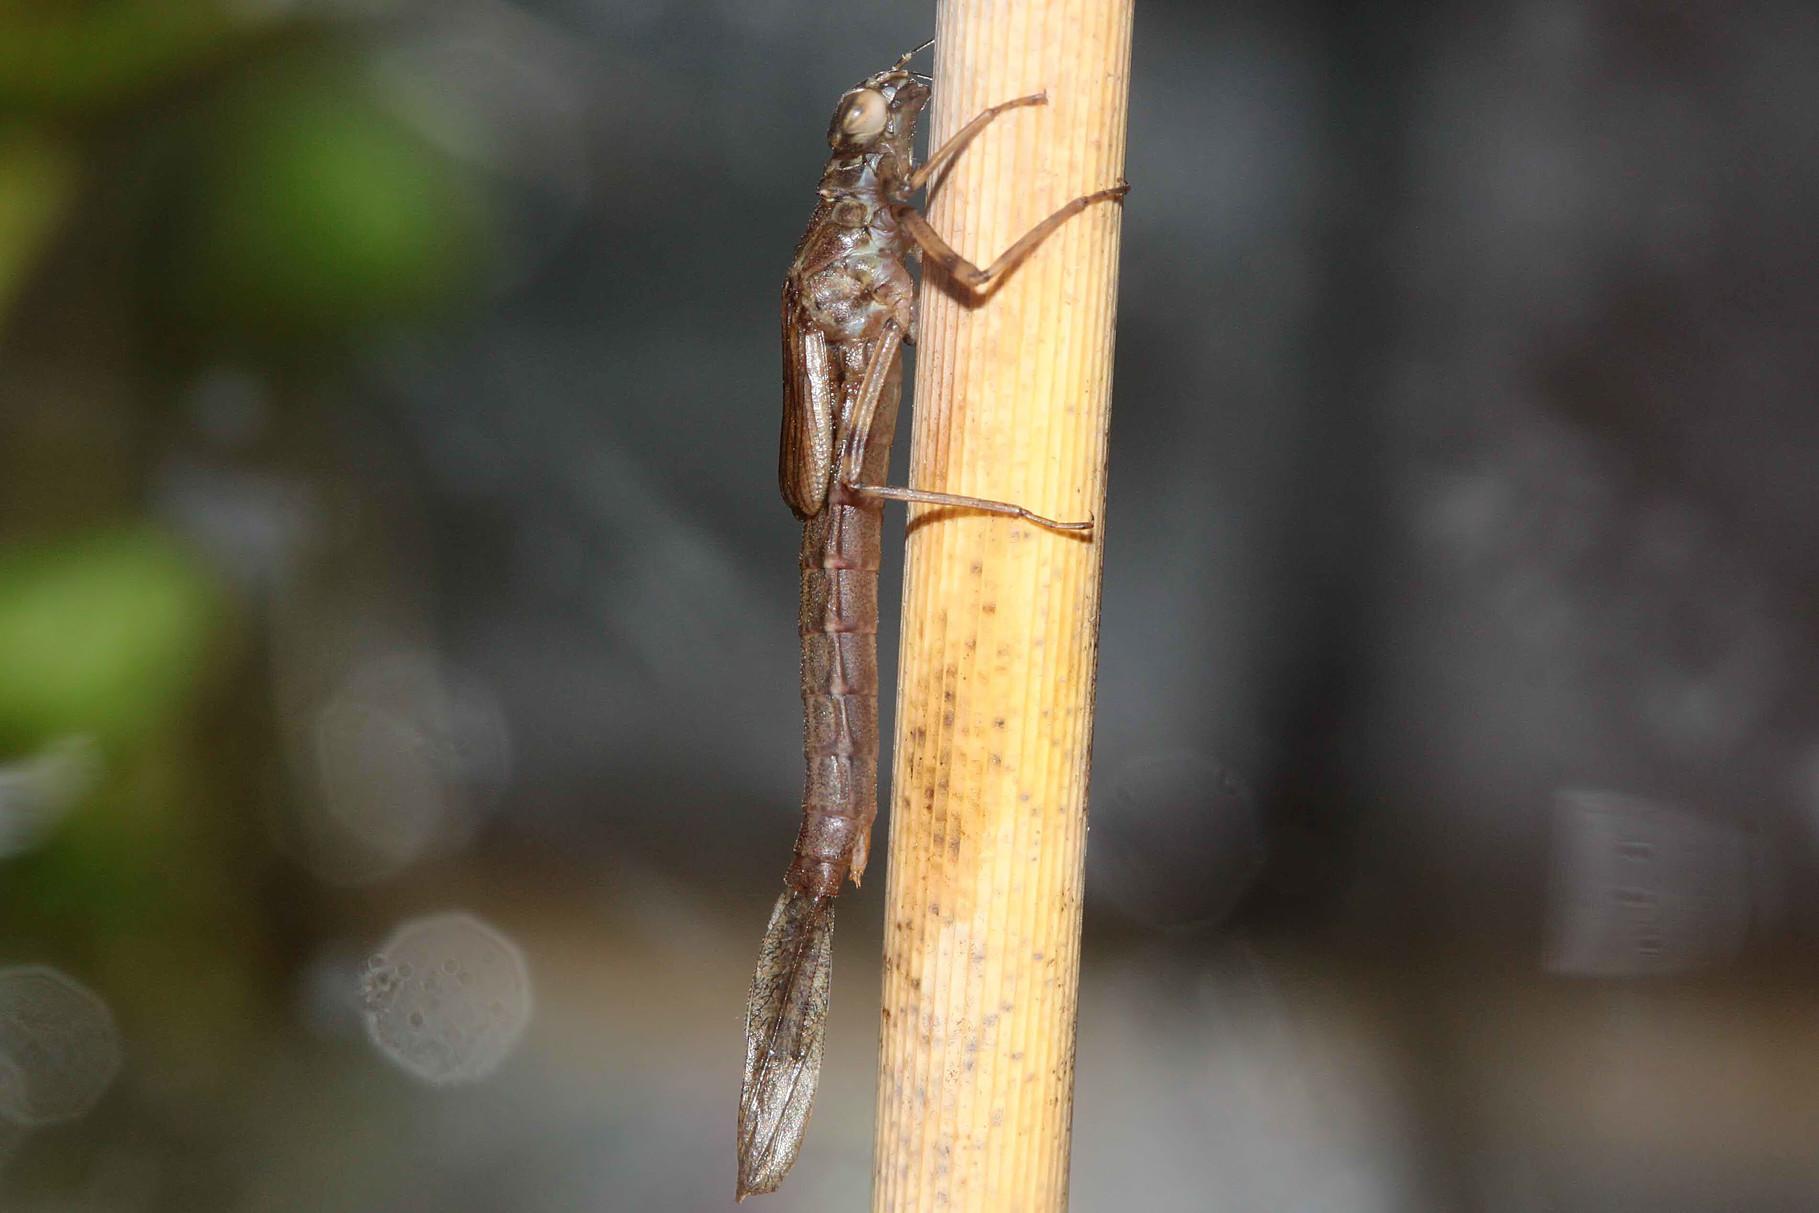 Eine schlupfbereite Larve der Großen Pechlibelle, Ischnura elegans, hat das Wasser endgültig verlassen...